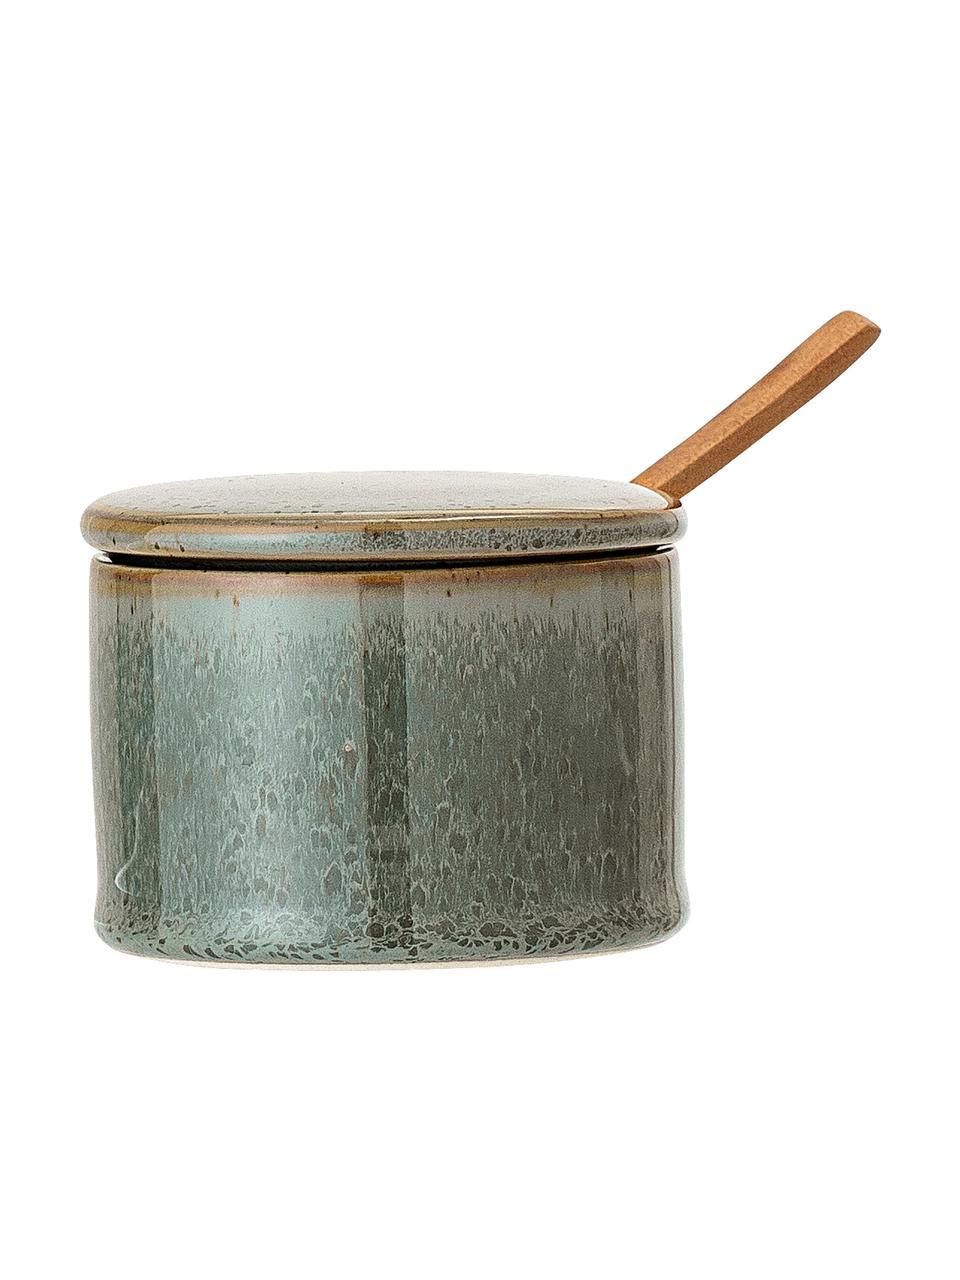 Cukiernica z kamionki z łyżką Pixie, 2 elem., Odcienie zielonego, Ø 8 x W 6 cm